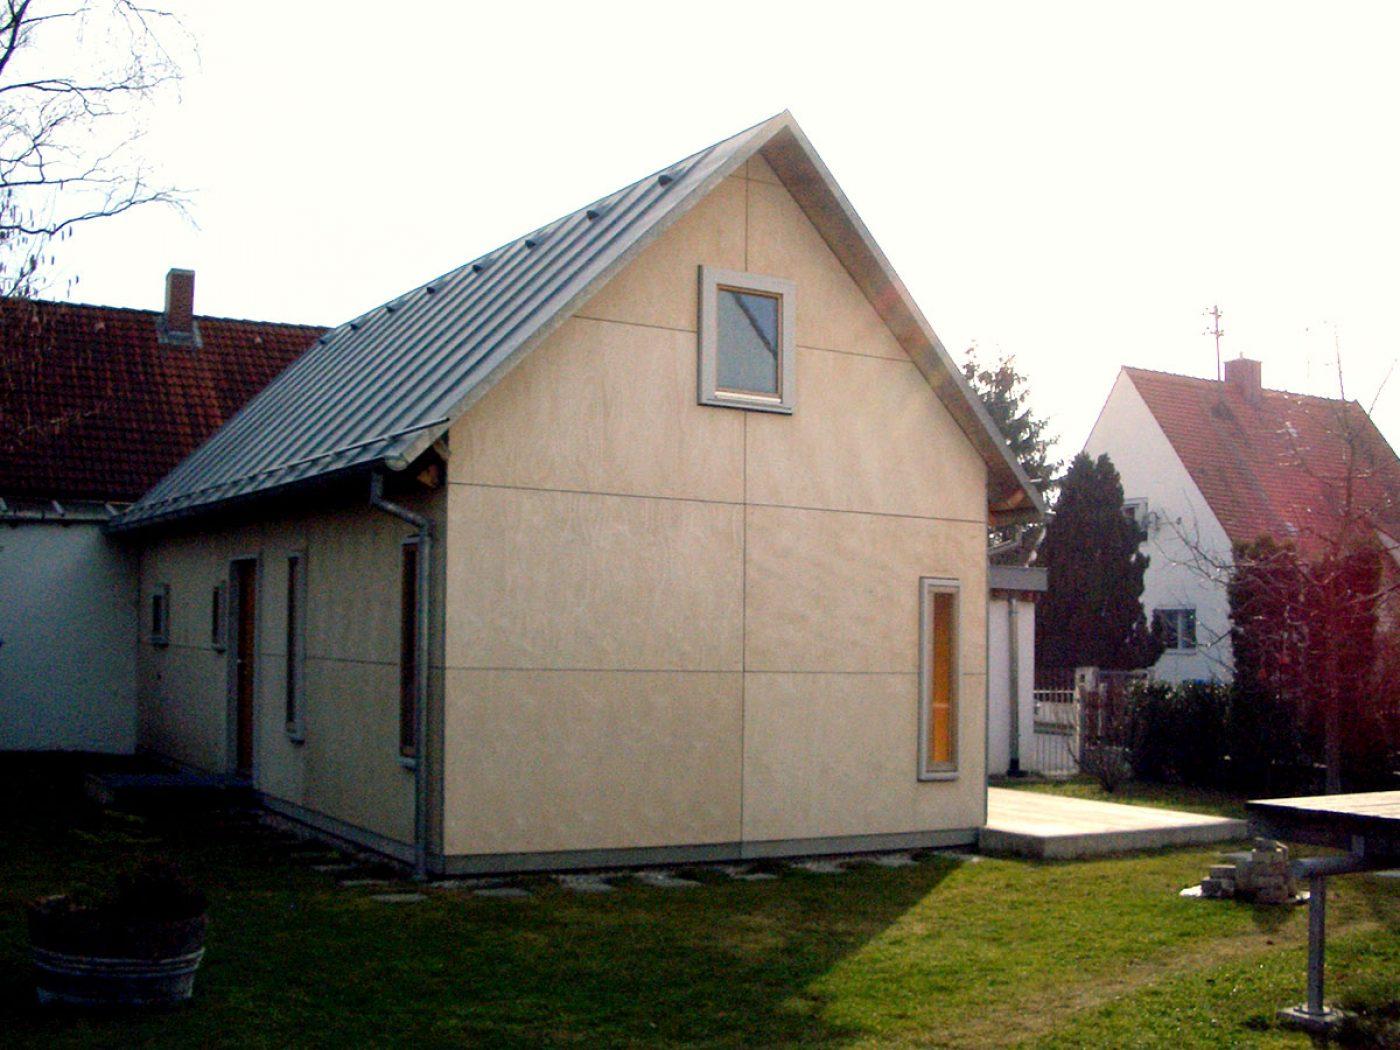 atelierhaus gartenseite